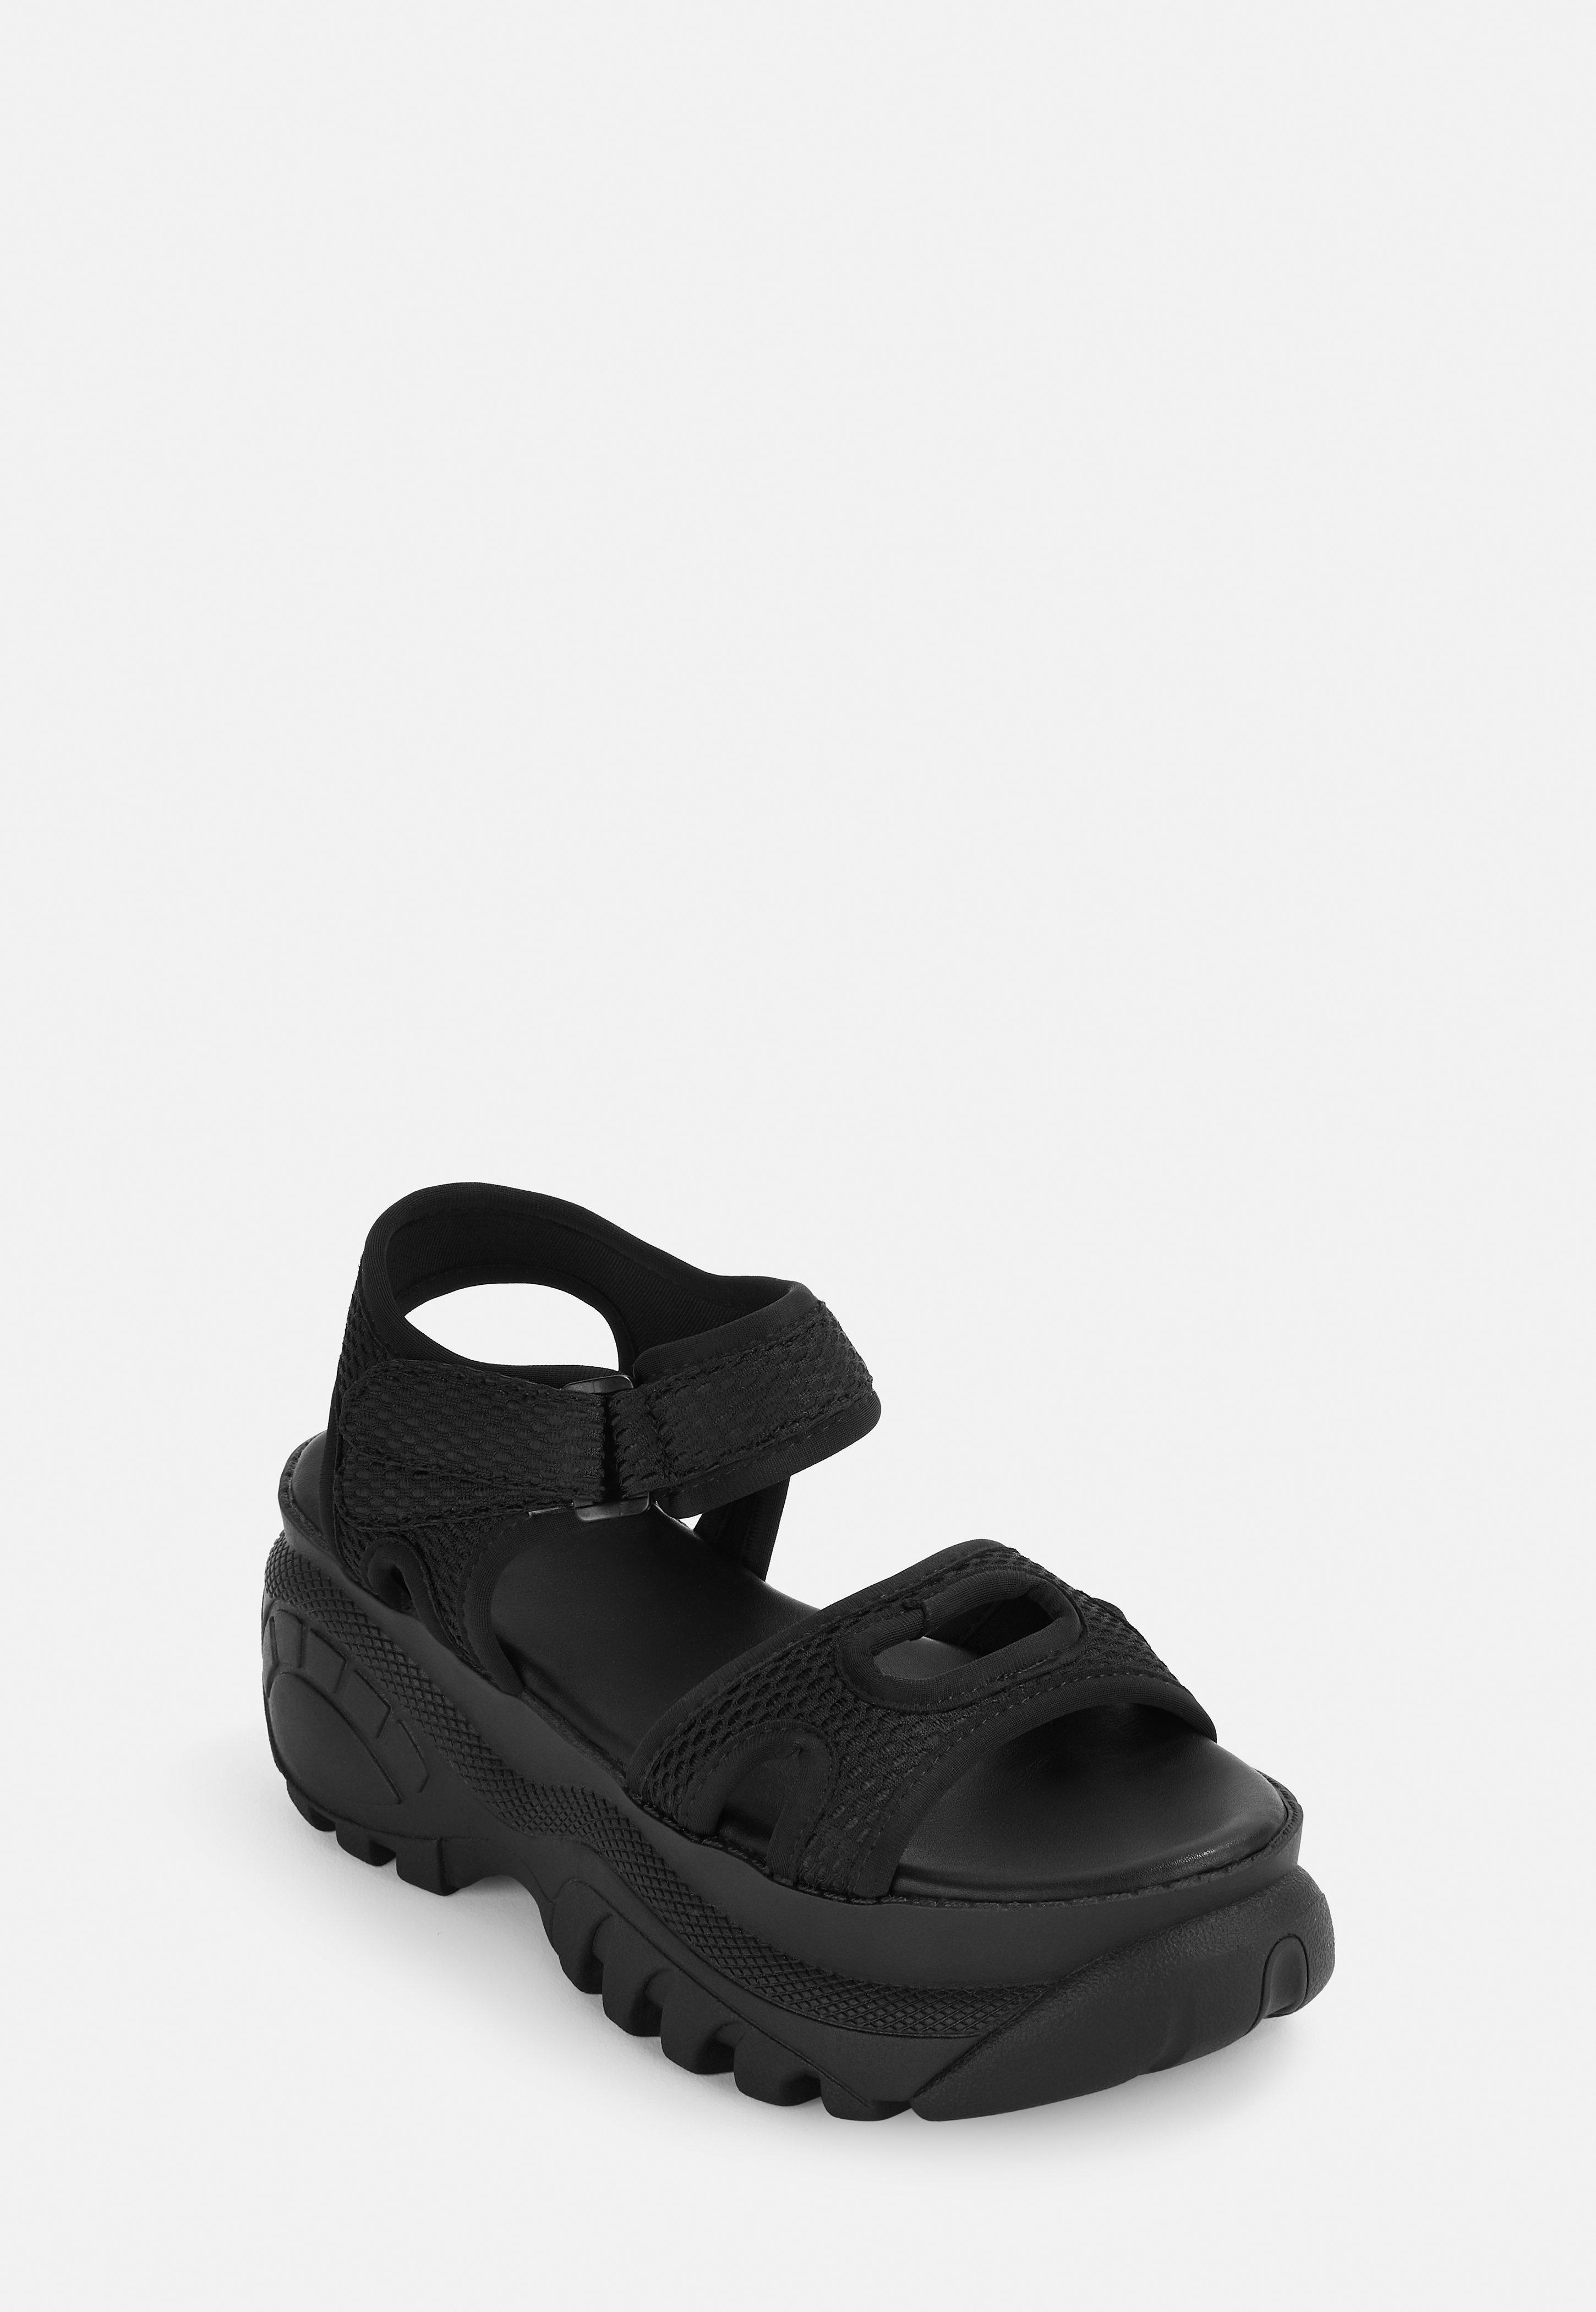 Sole Trainer Sandals Black Black Chunky Chunky kX8N0OnwP